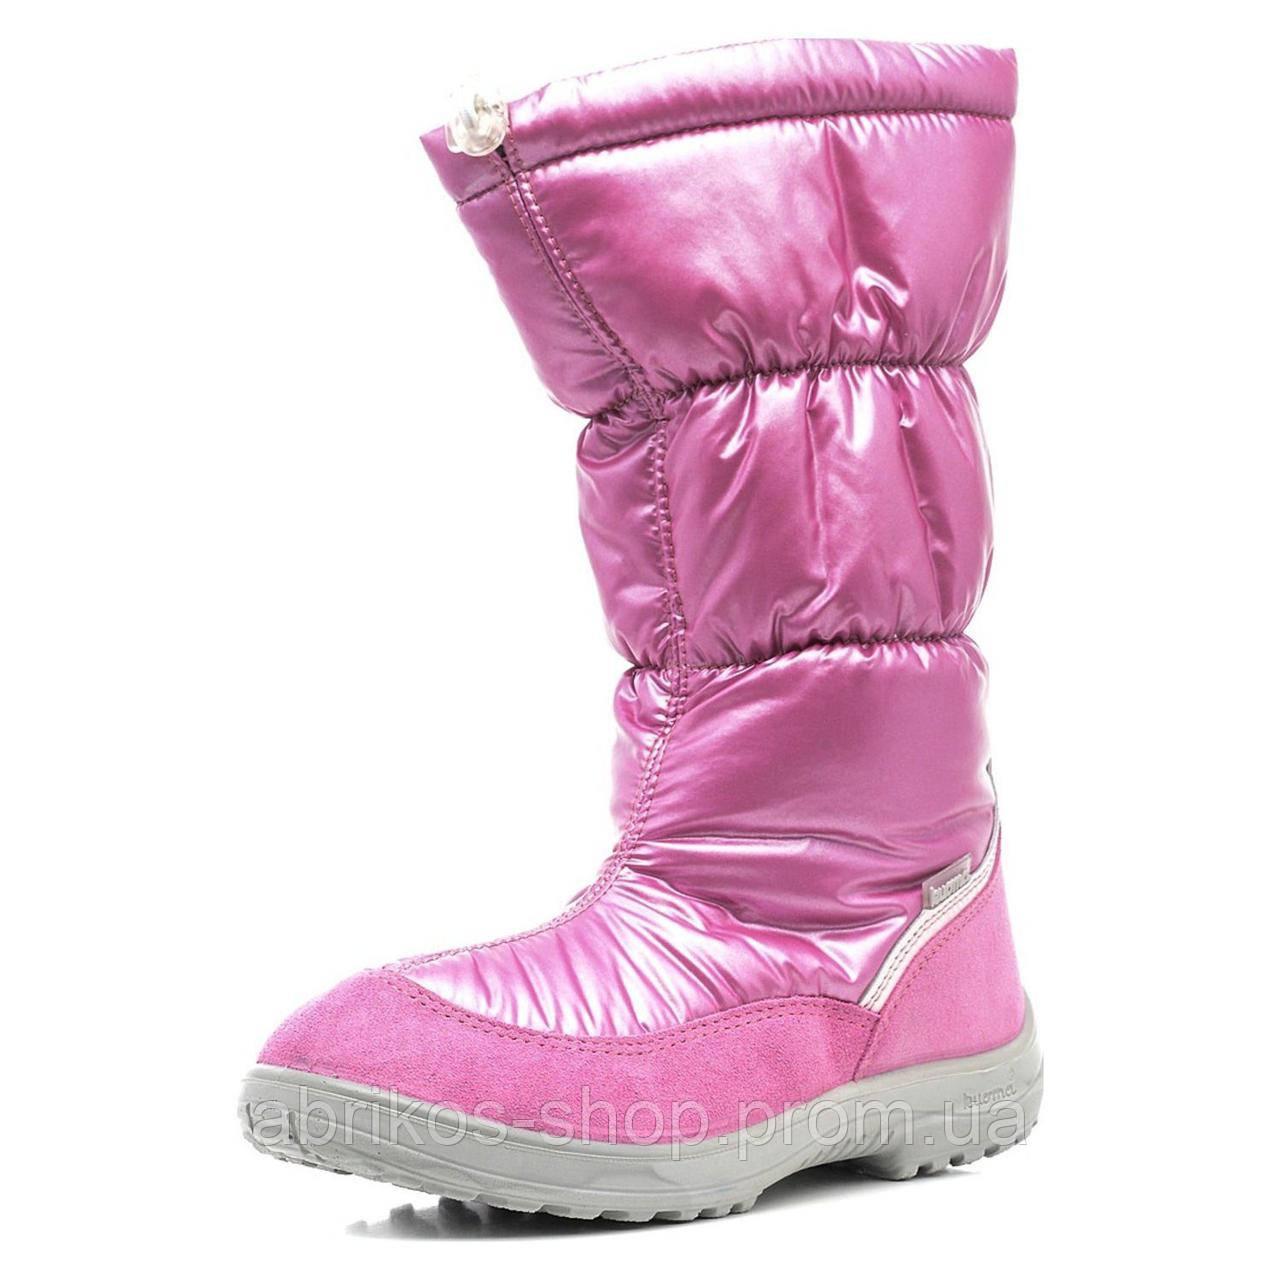 Фінські теплі чоботи-валянки для морозних днів Kuoma